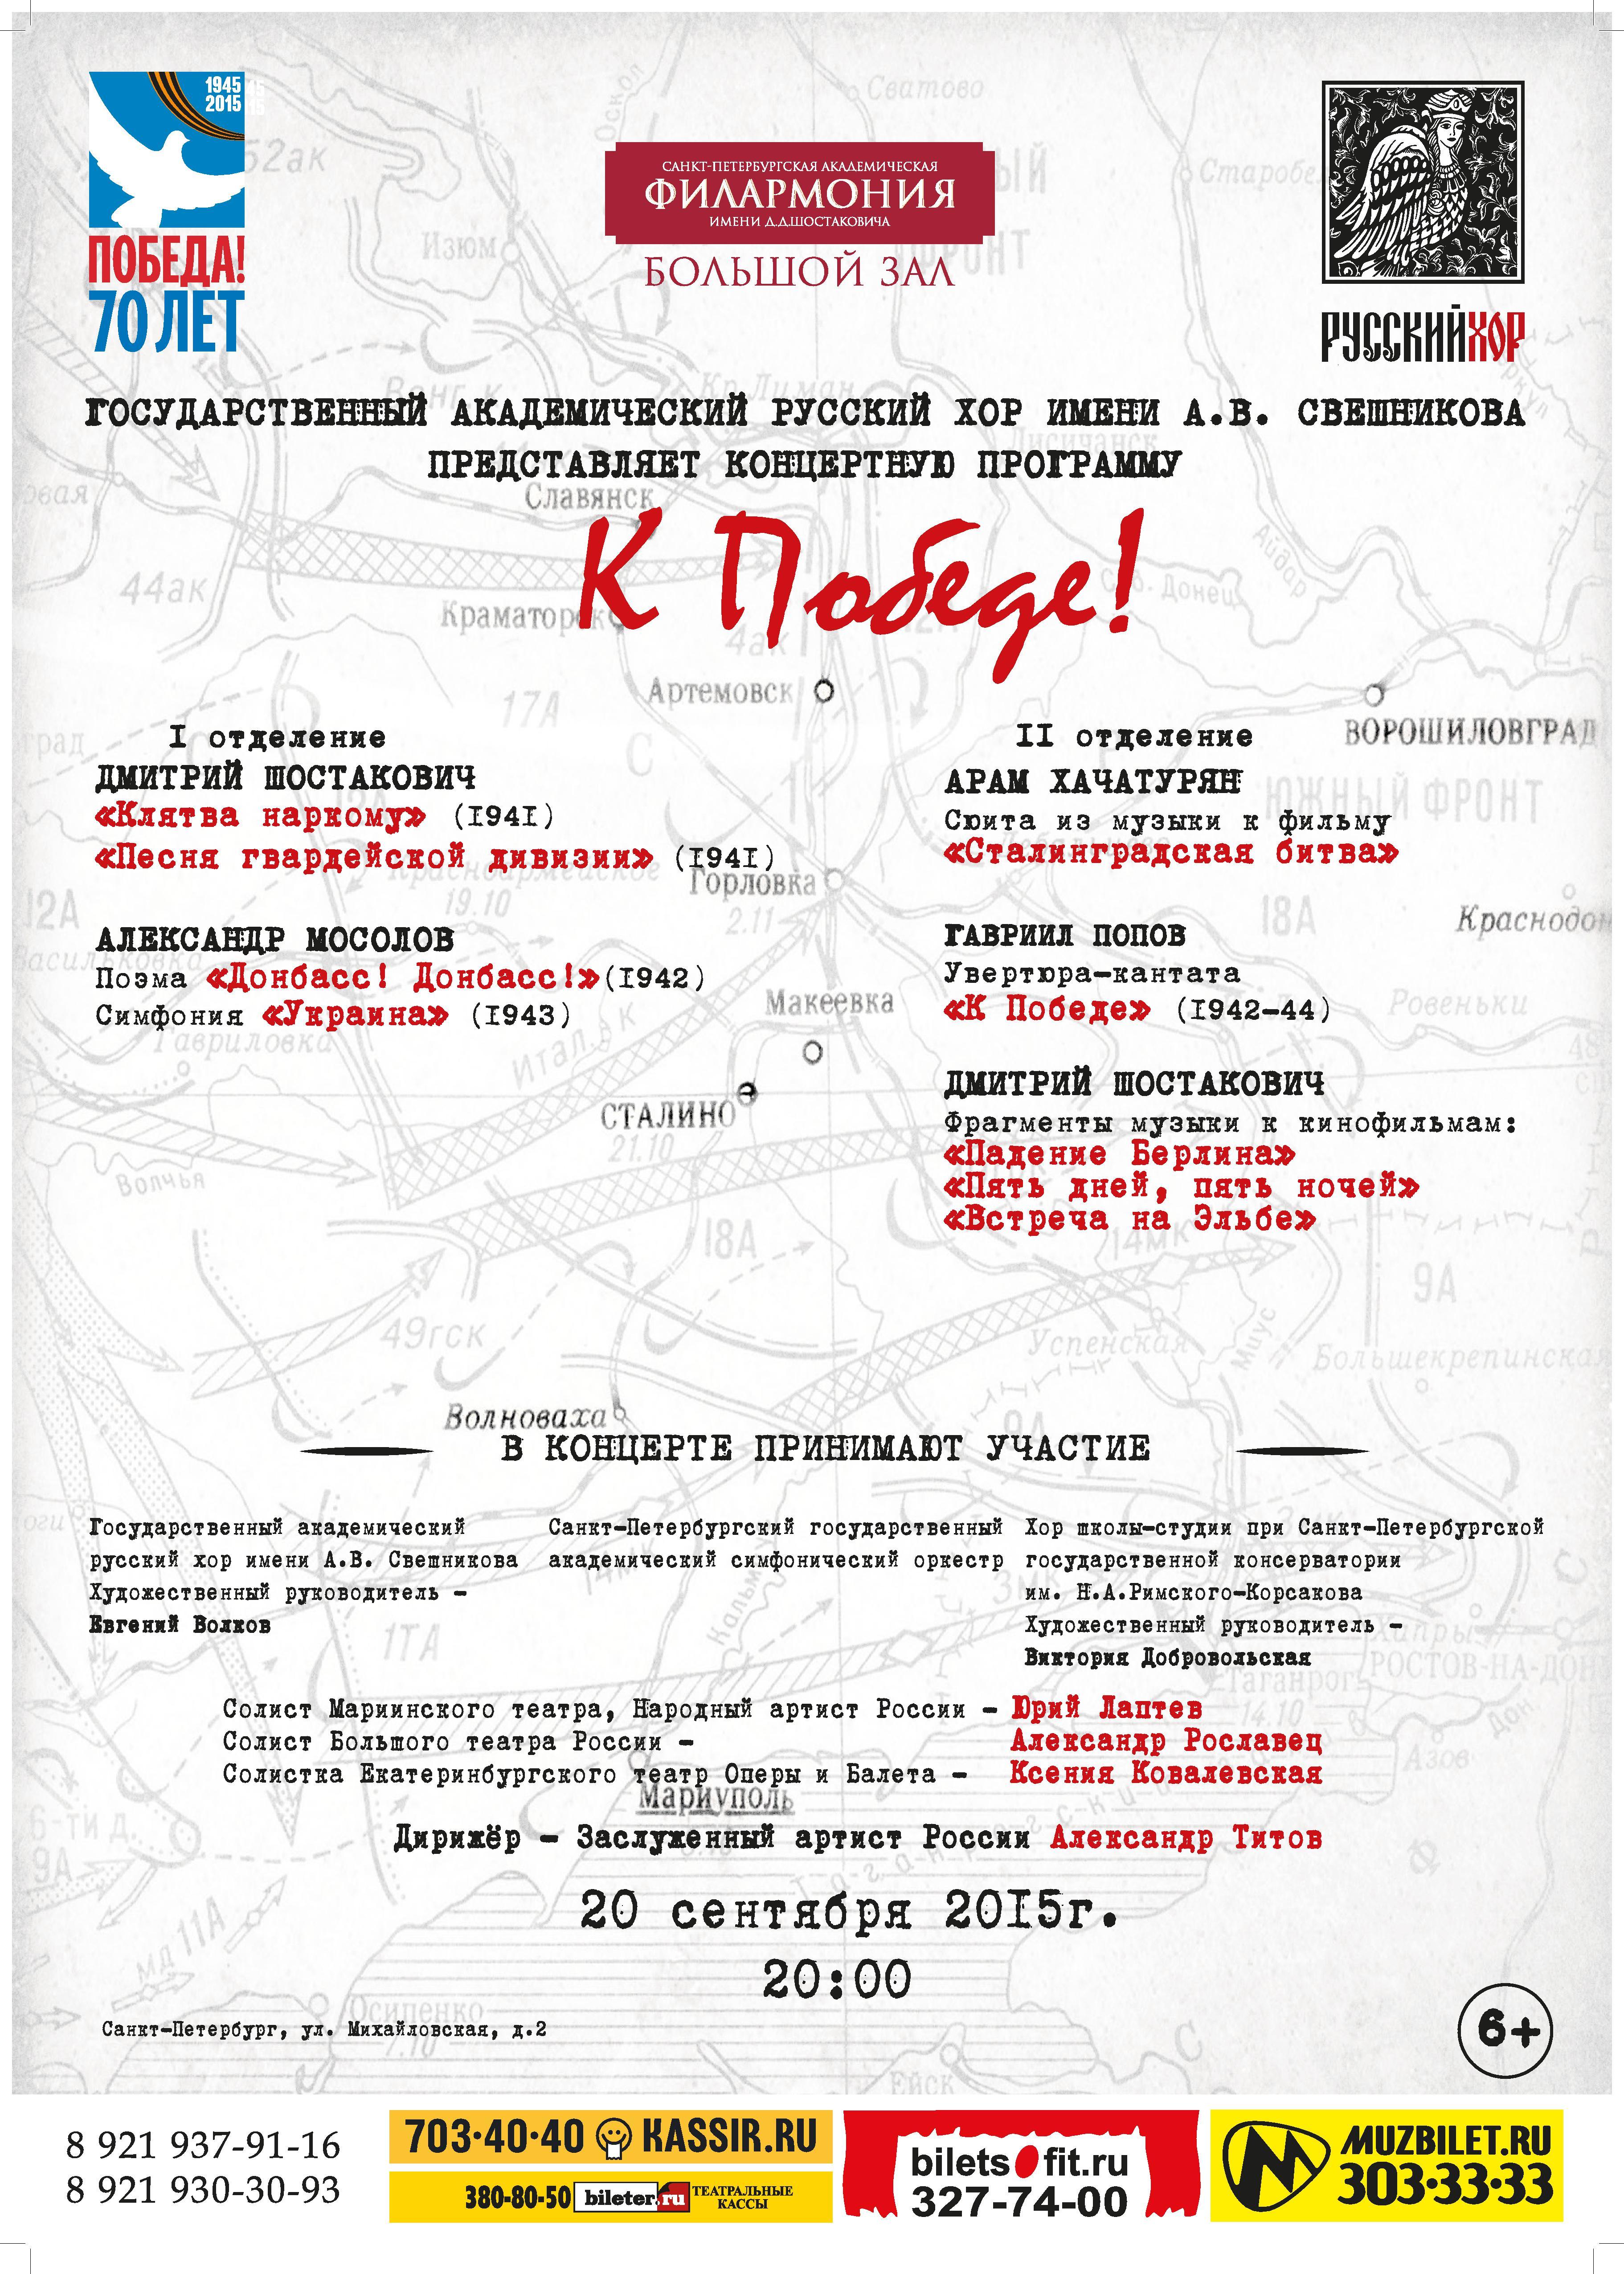 Концерт Государственного академического русского хора им. А.В.Свешникова